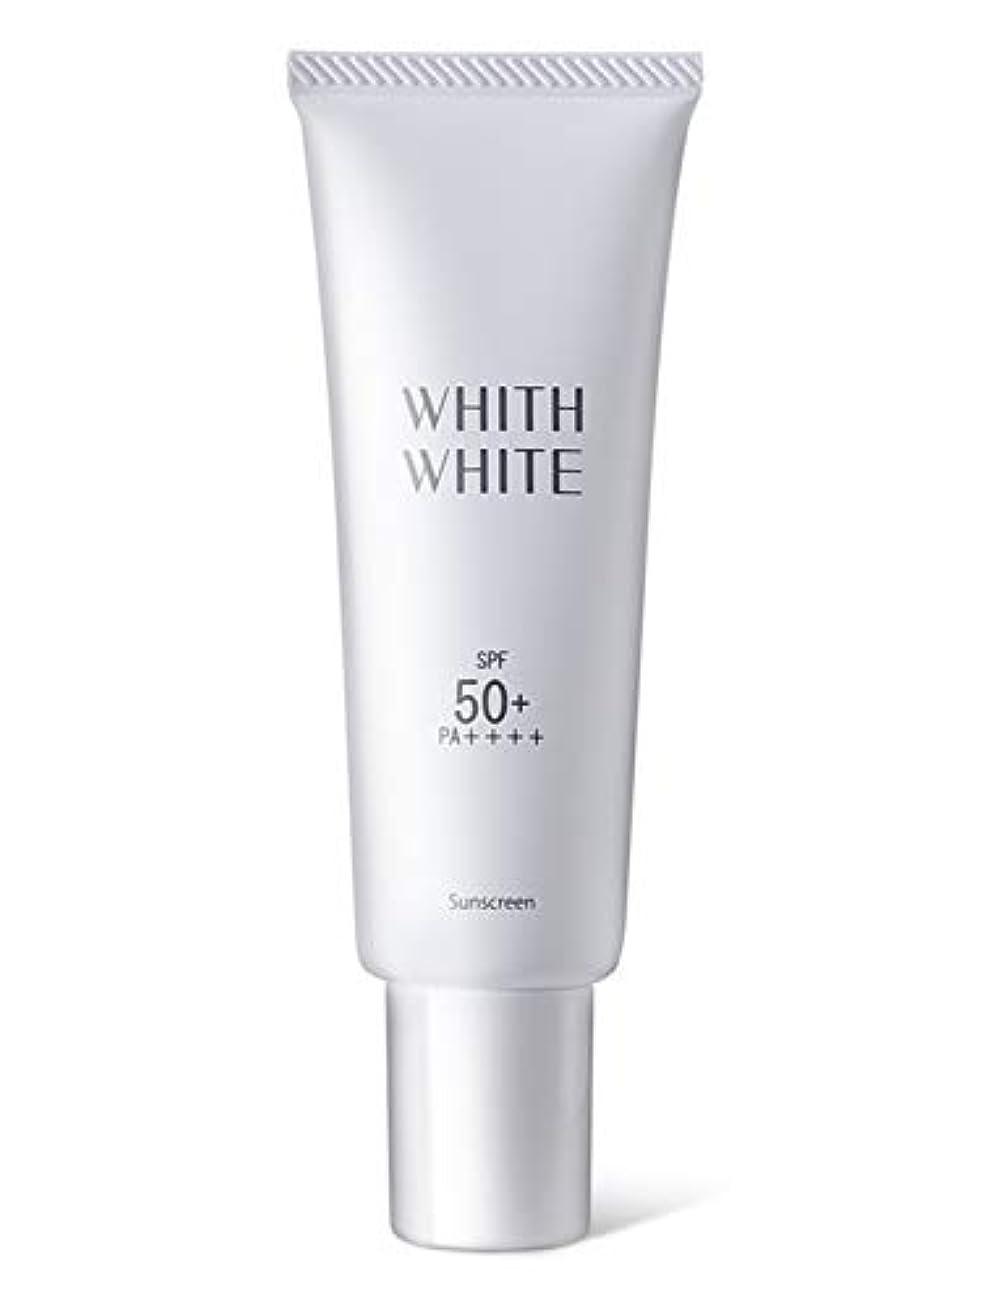 個人的な夕方参加する【UVケア SPF50 + PA ++++ 】 フィス ホワイト 日焼け止め クリーム 「 コラーゲン ヒアルロン酸 配合」50g